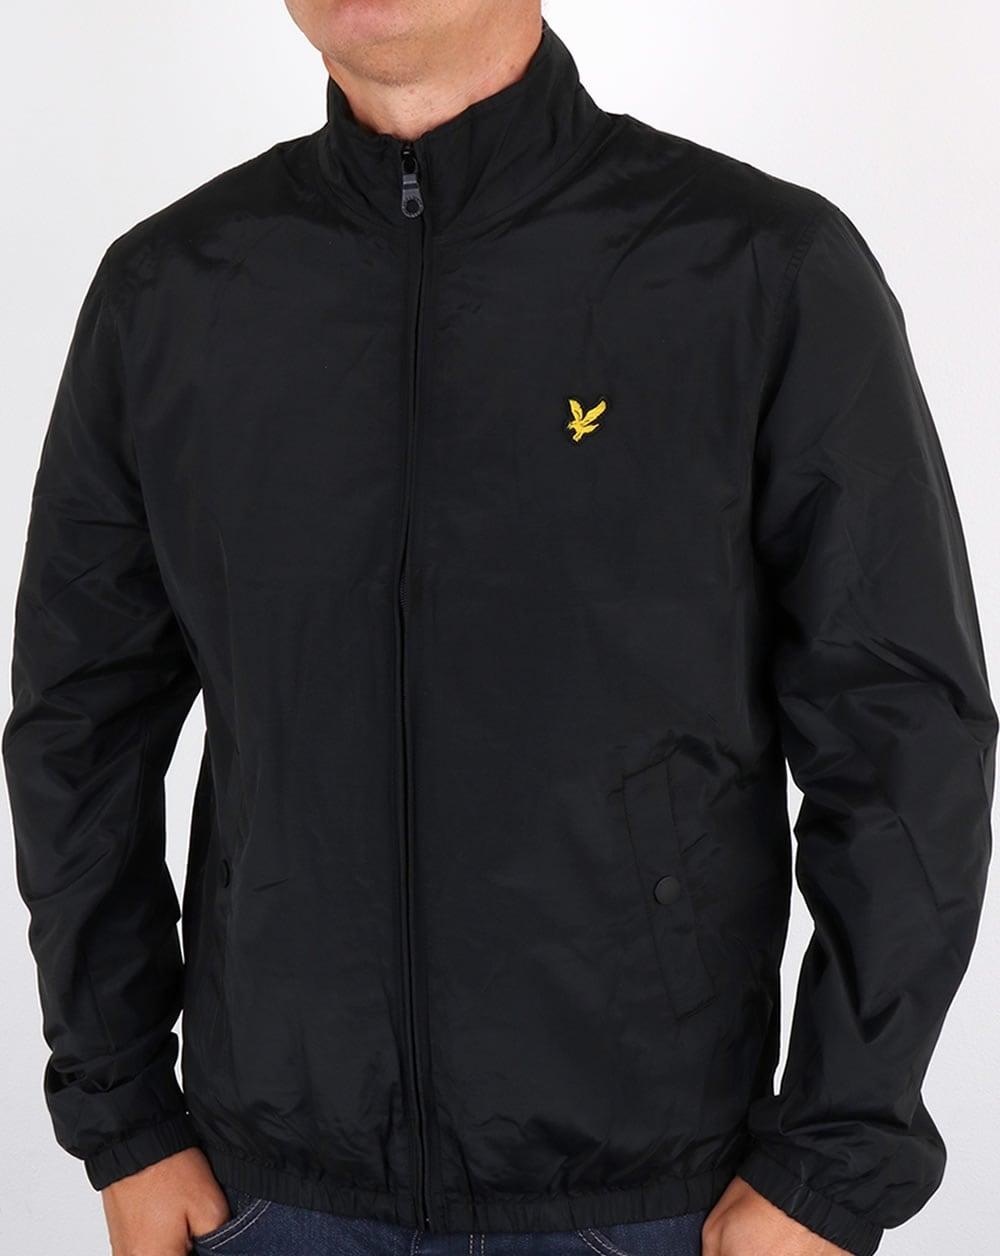 lyle and scott funnel neck jacket true black men 39 s top coat. Black Bedroom Furniture Sets. Home Design Ideas